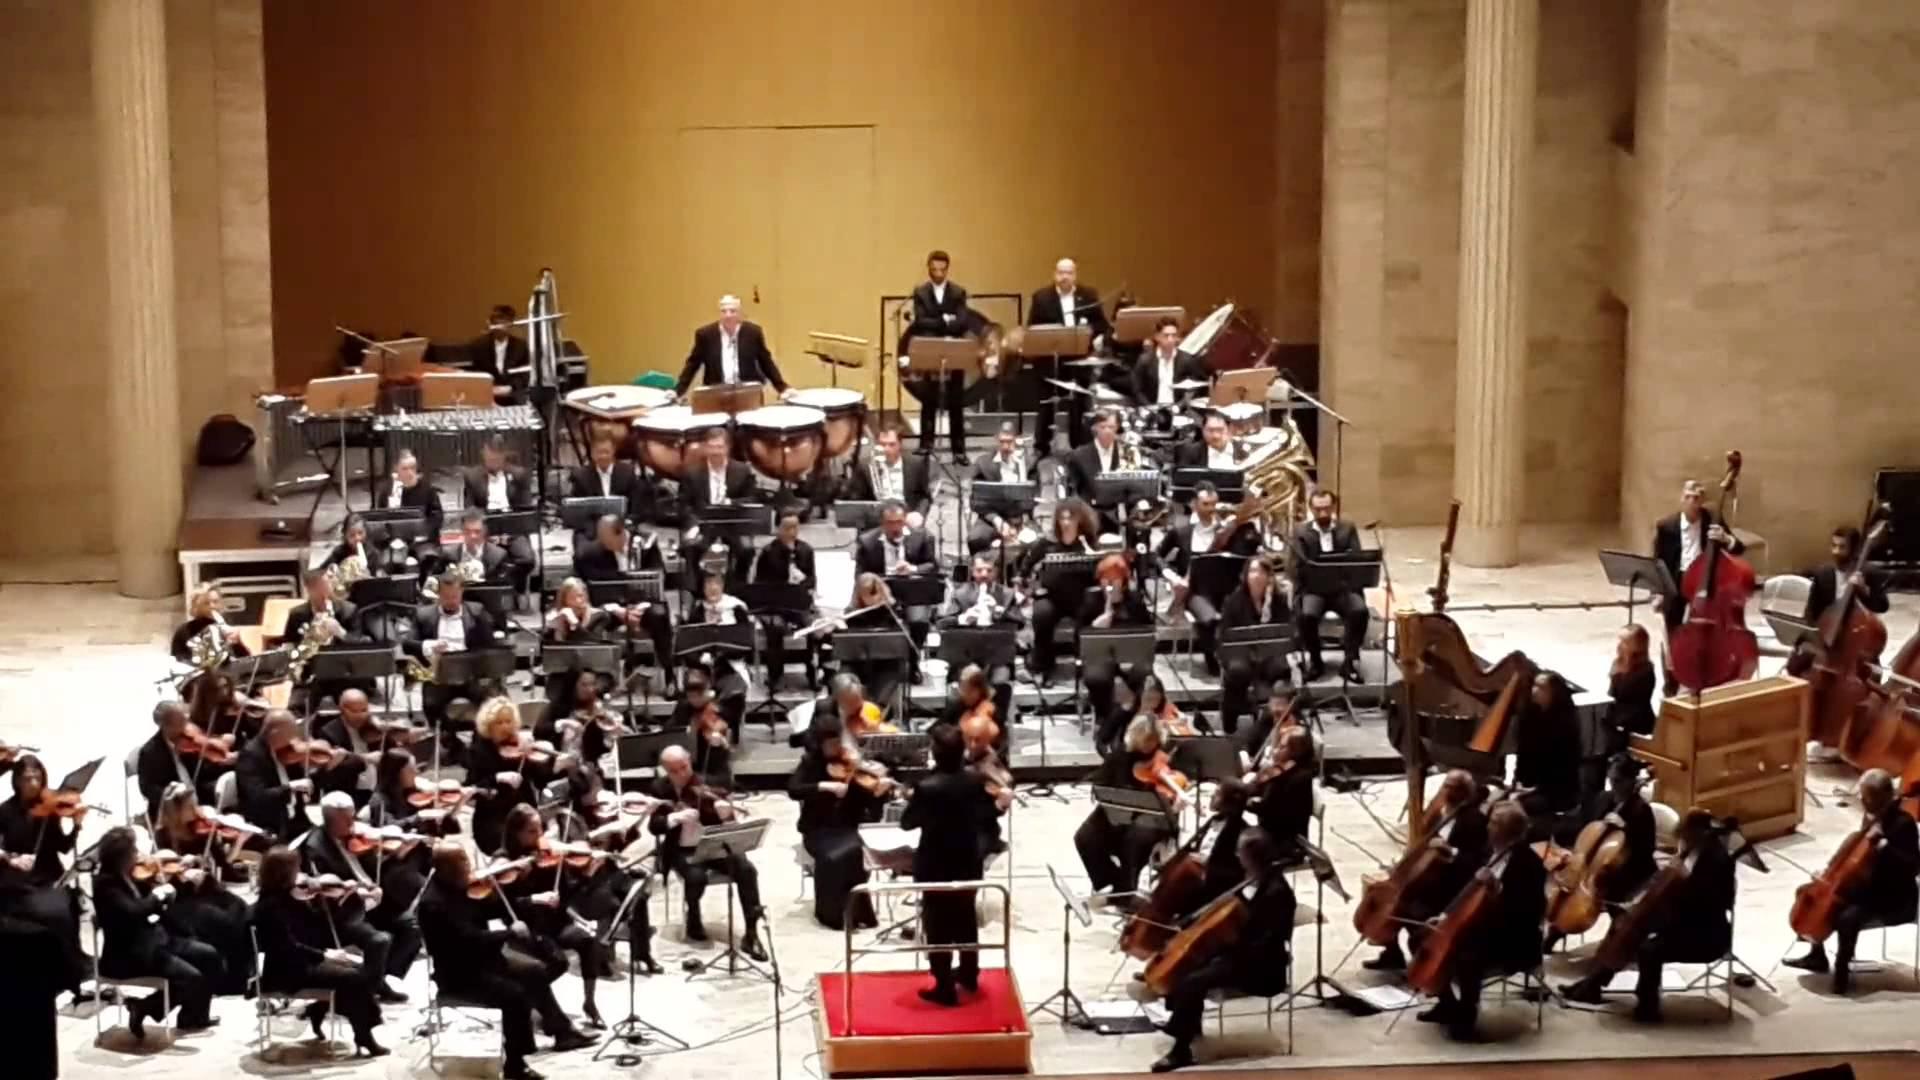 Efsanevi filmlerin müzikleri Bilkent Senfoni Orkestrası ile sahnede!